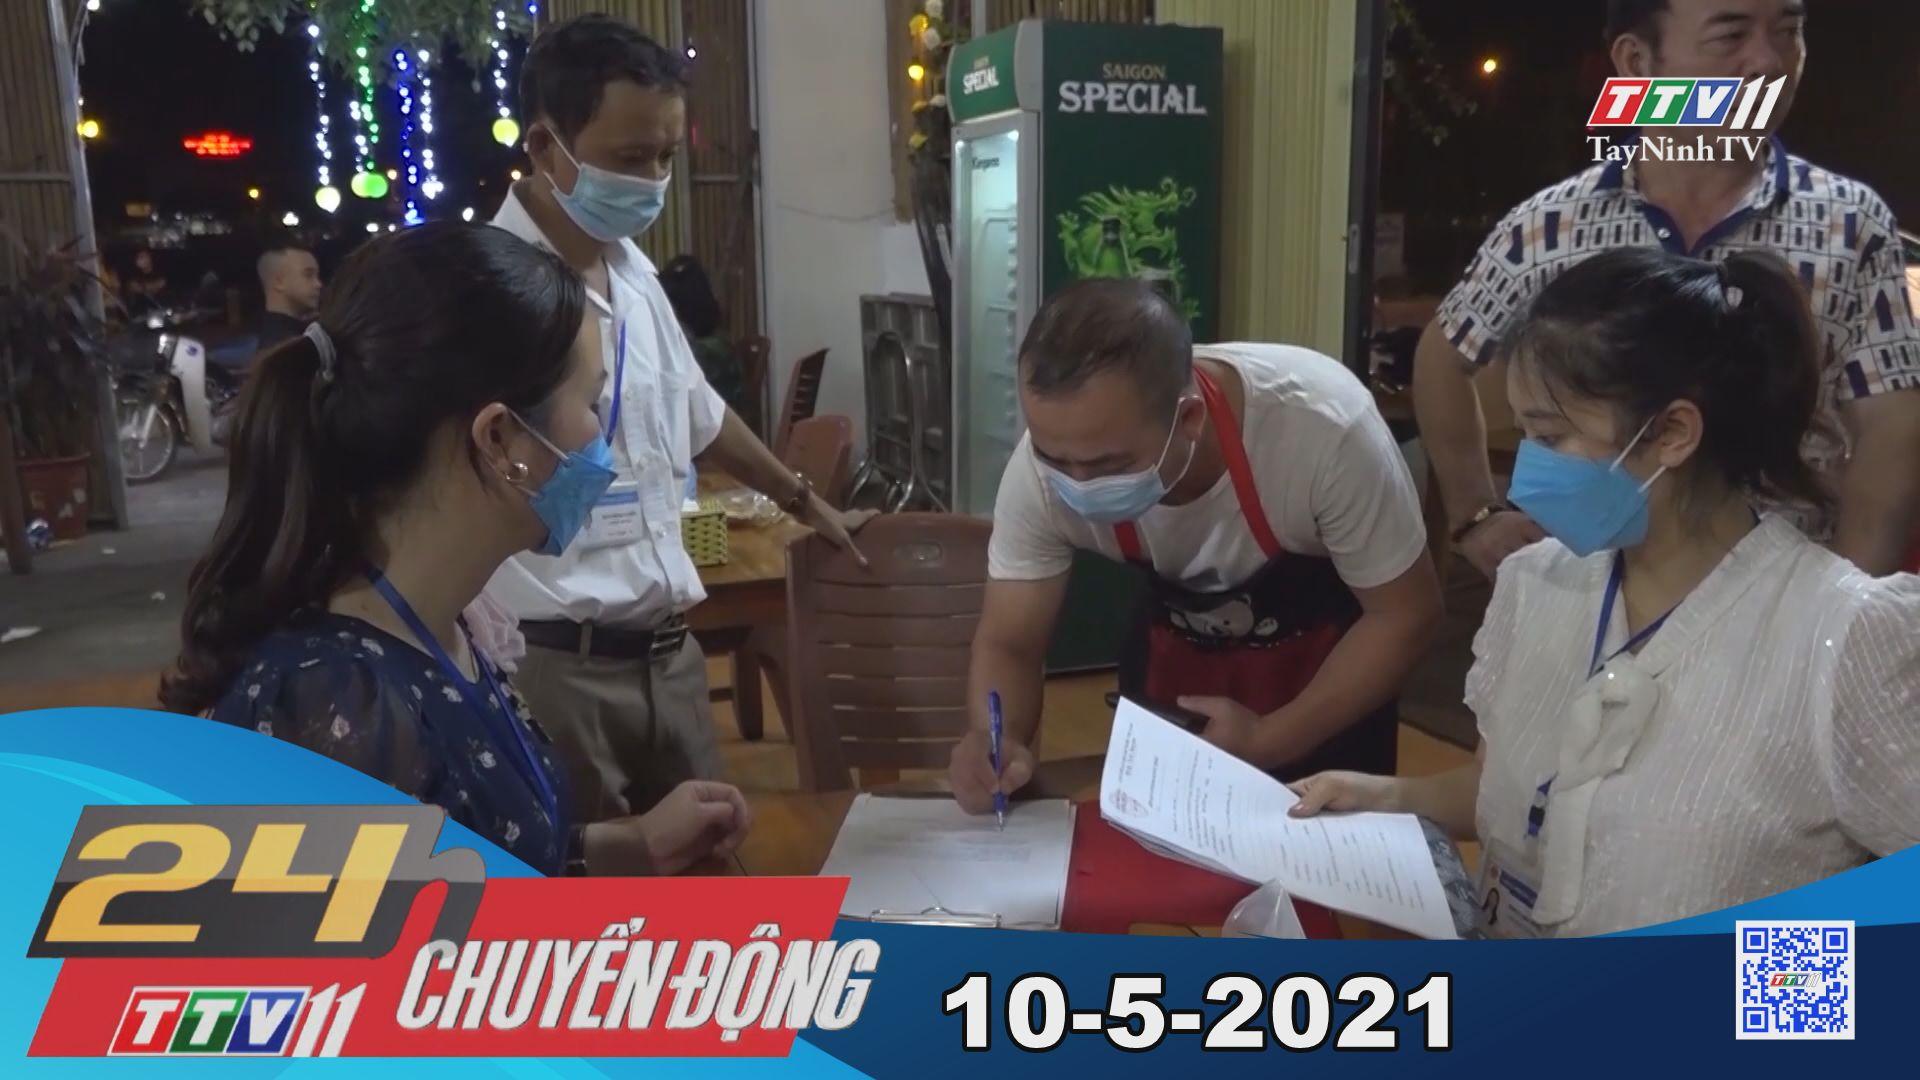 24h Chuyển động 10-5-2021 | Tin tức hôm nay | TayNinhTV